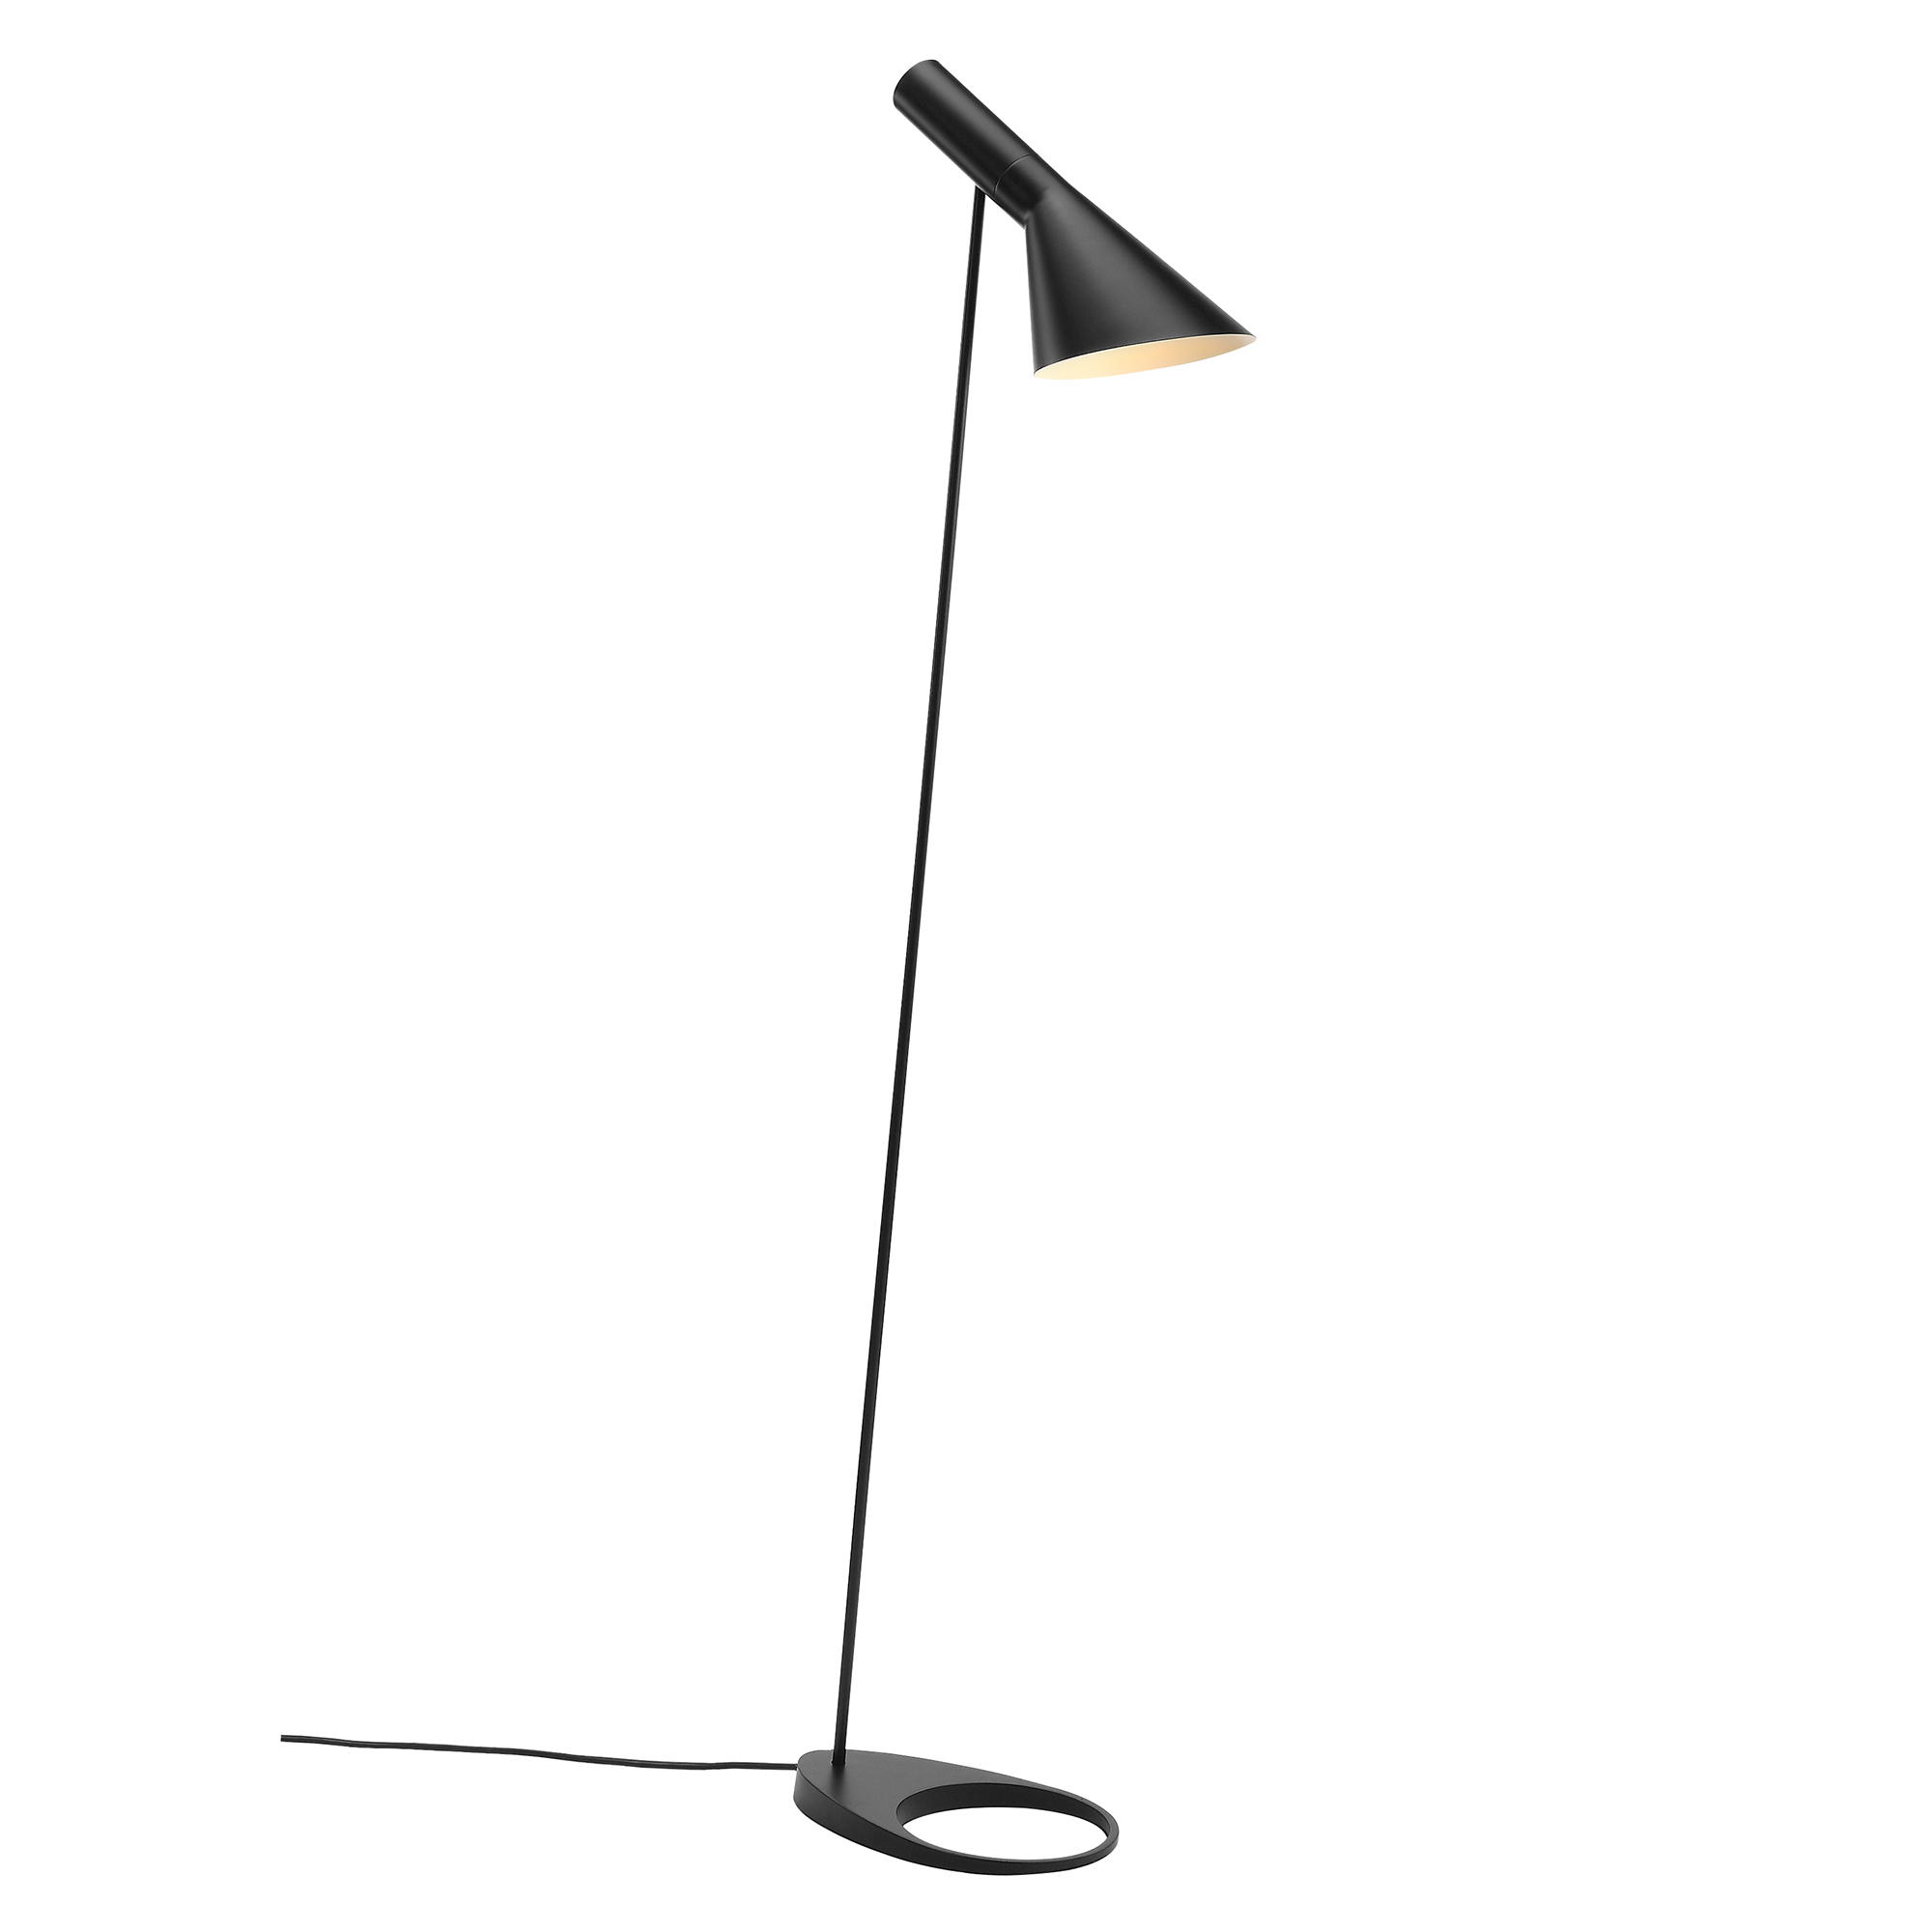 hot sale online 64f73 29d5d Details about NEW Arne Jacobsen Replica AJ Floor Lamp - Milano Luci,Lamps